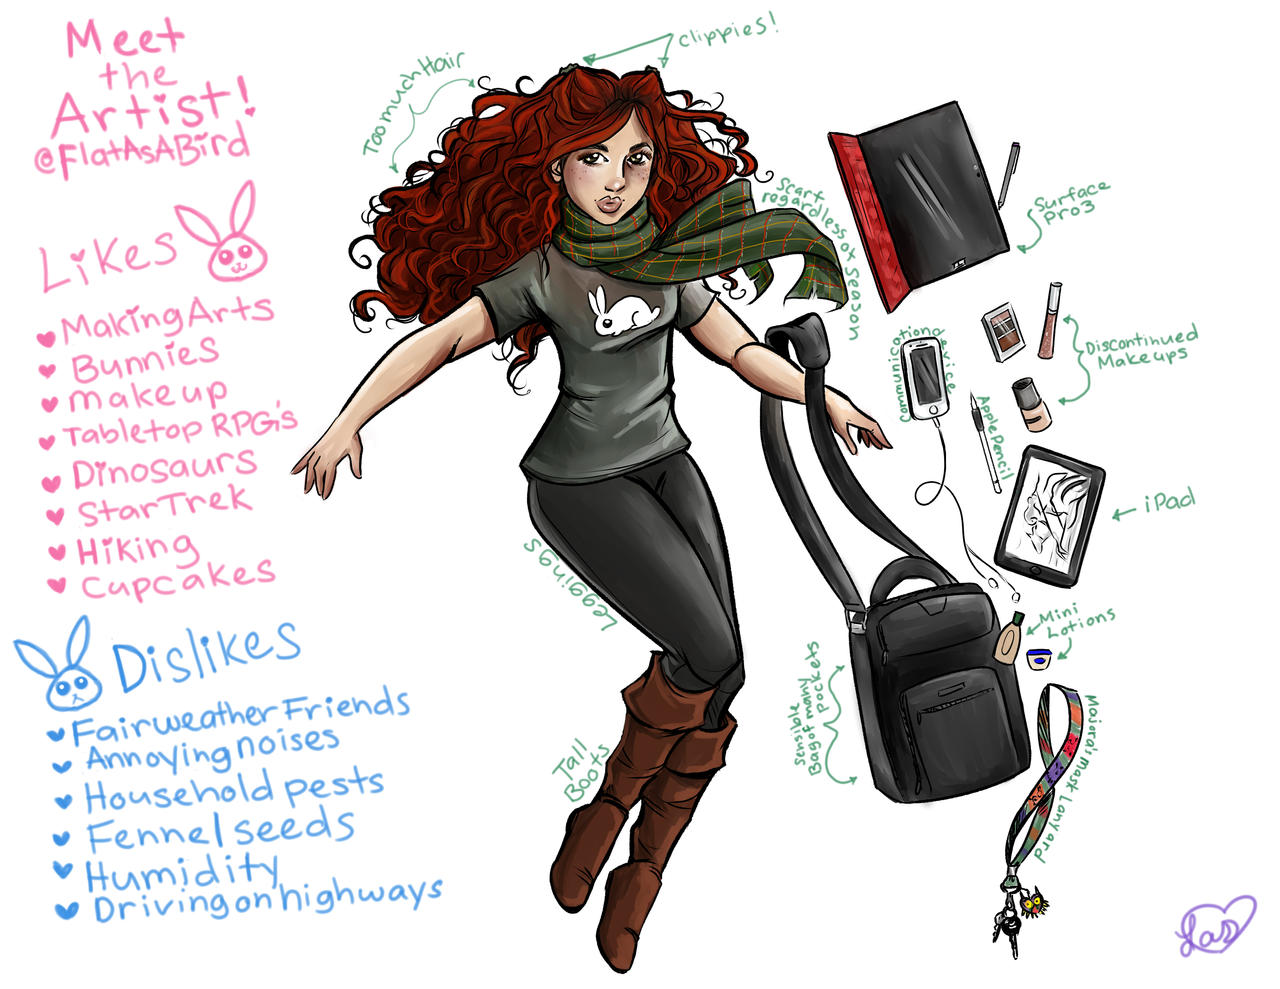 Meet the Artist: FlatAsABird by FlatAsABird